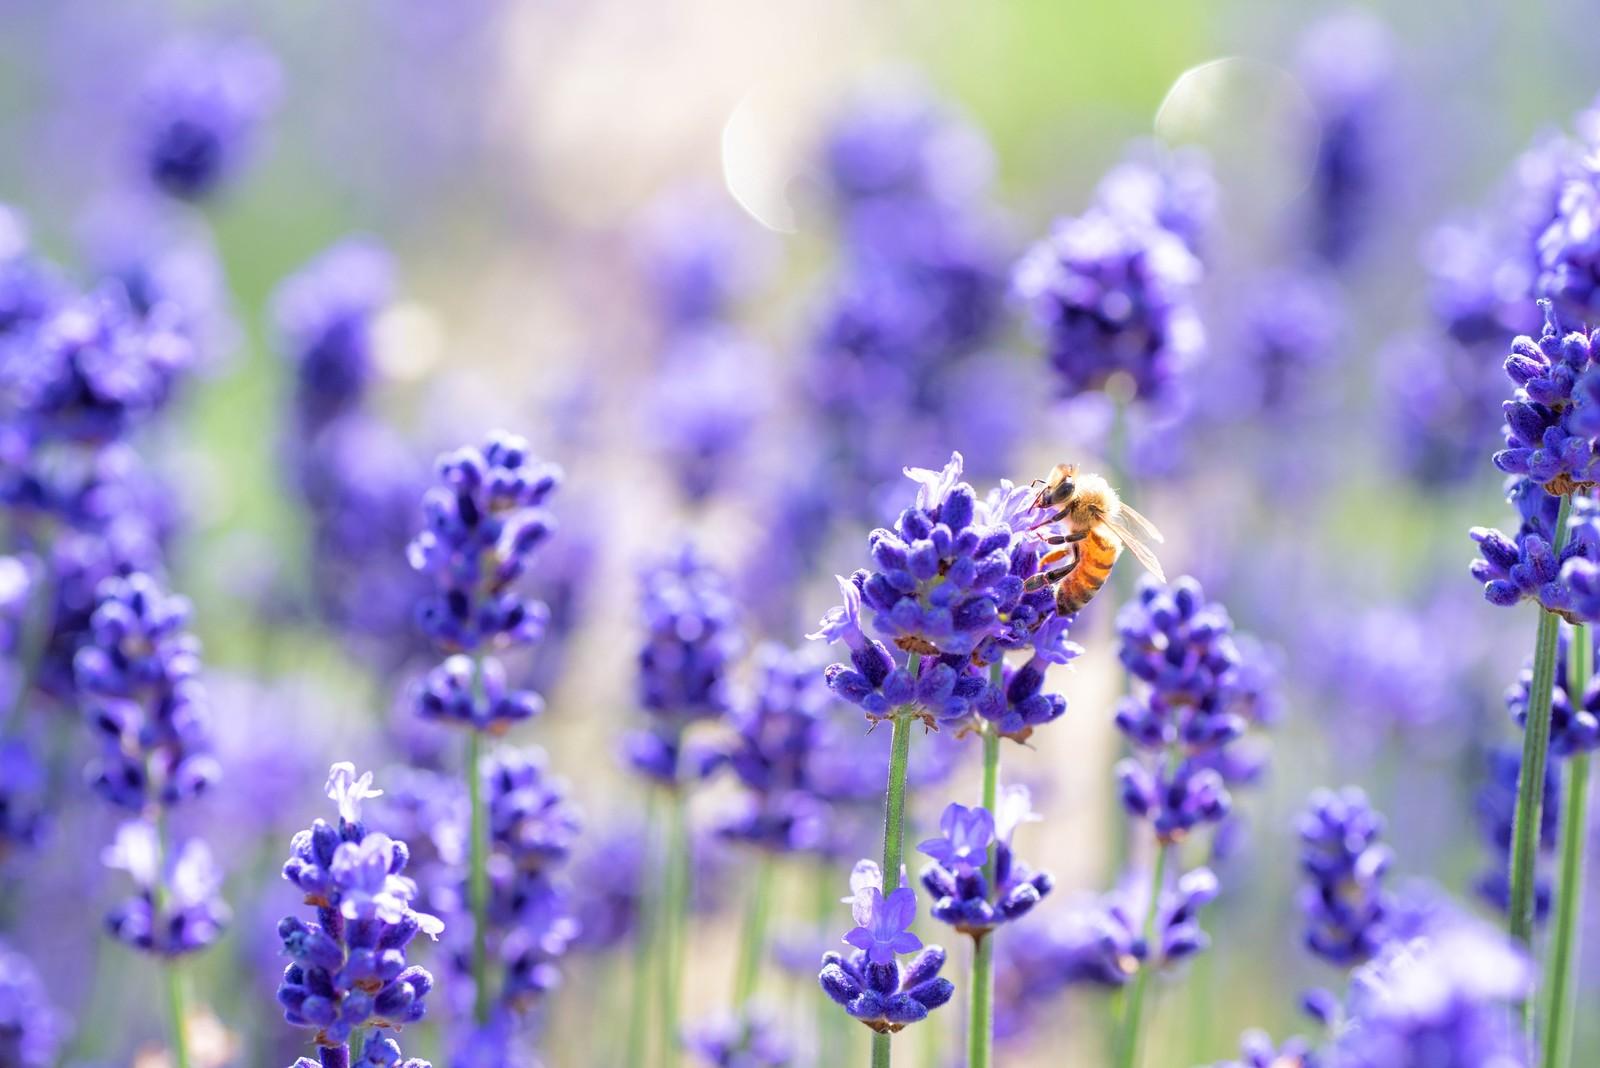 ラベンダーの香りに誘われるミツバチ